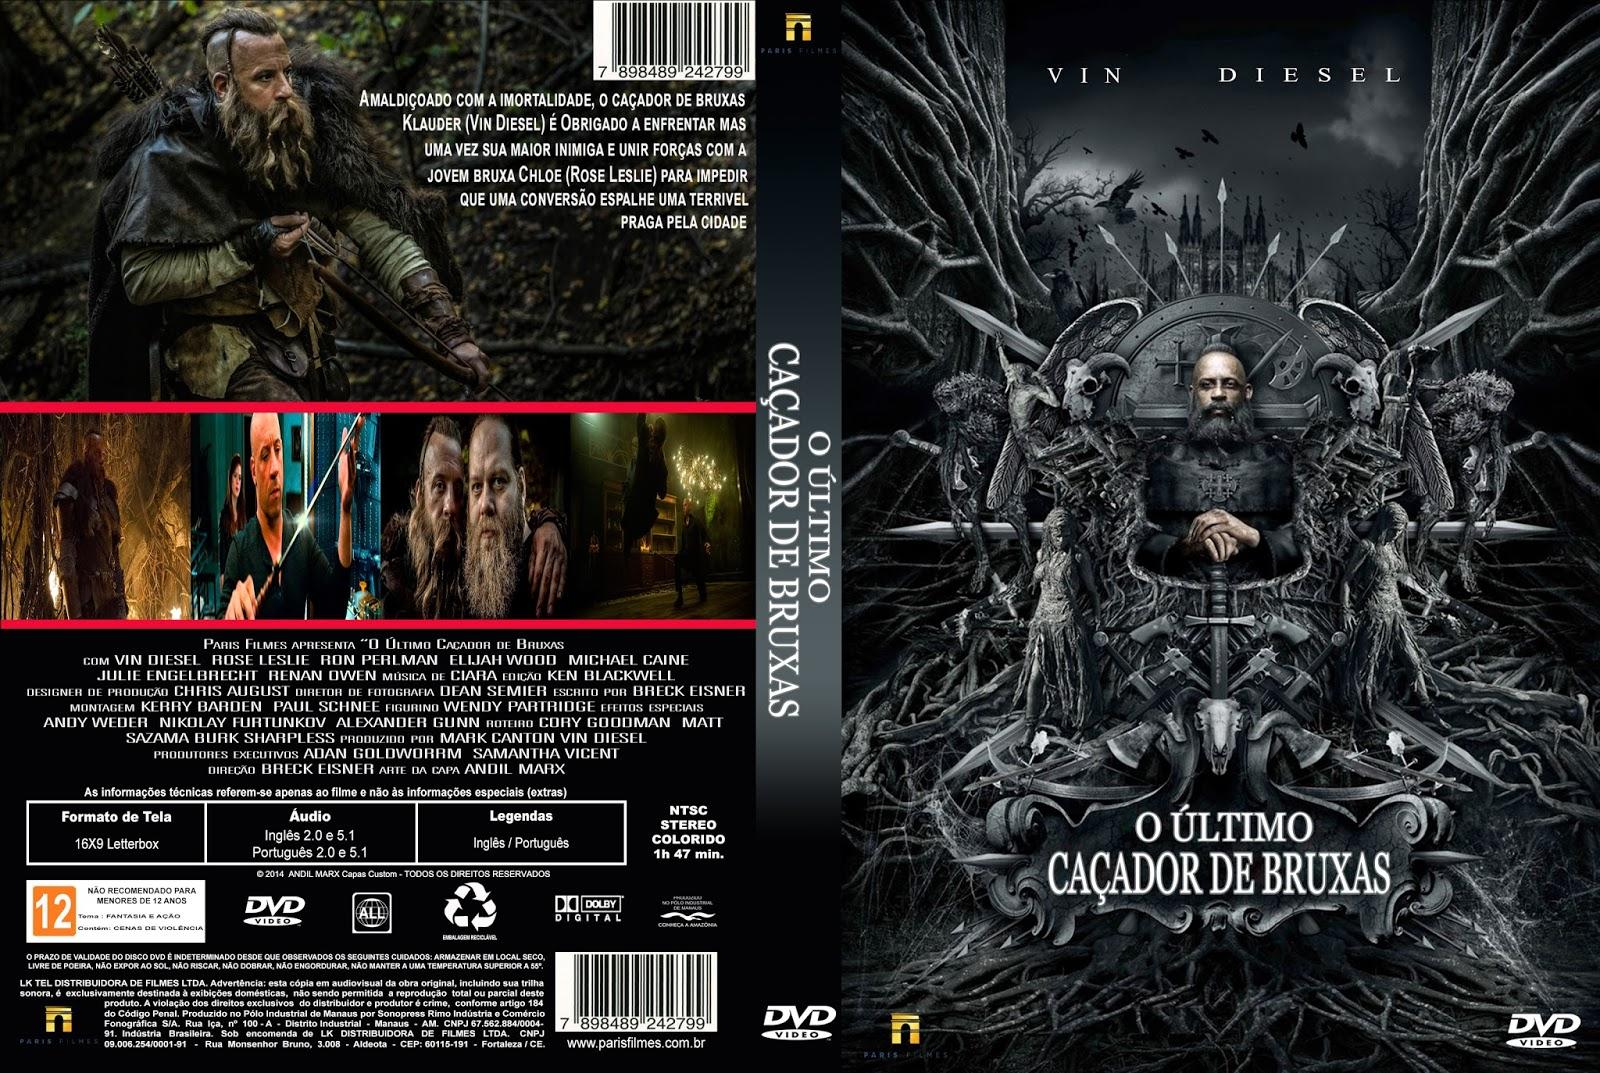 O Último Caçador de Bruxas DVD-R O 2B 25C3 259Altimo 2BCa 25C3 25A7ador 2BDe 2BBruxas